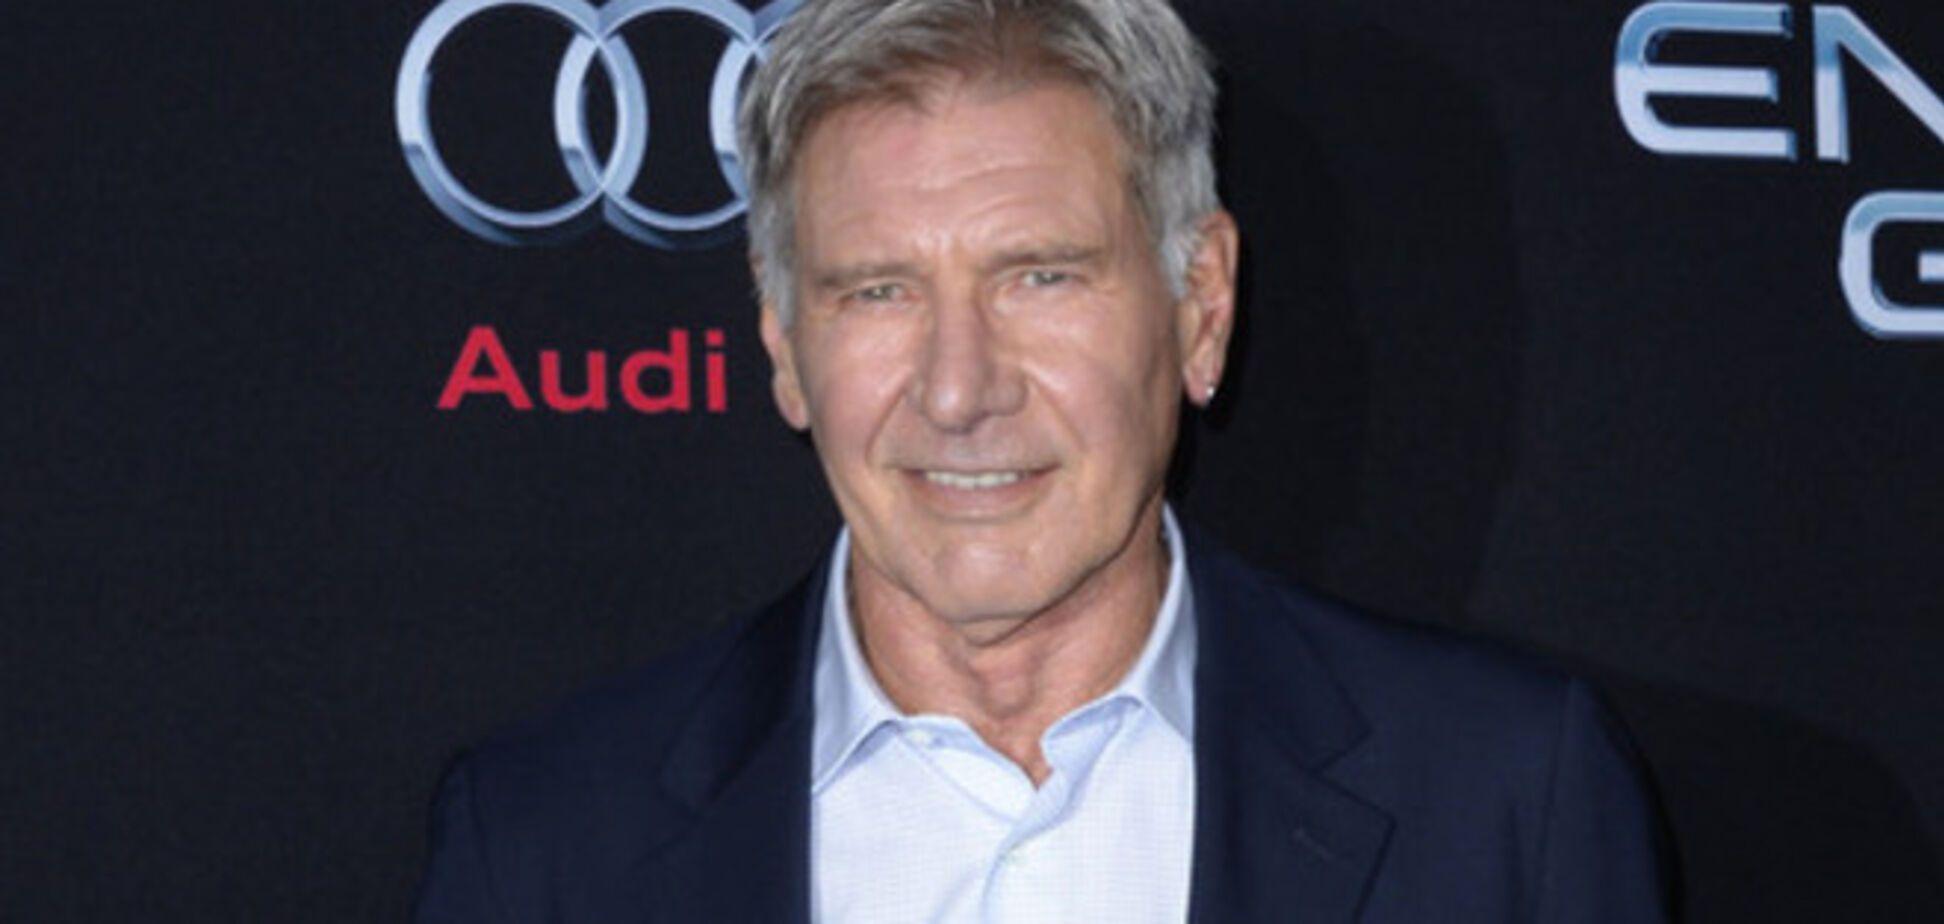 Харрисон Форд получил травму на съемках новых 'Звездных войн'